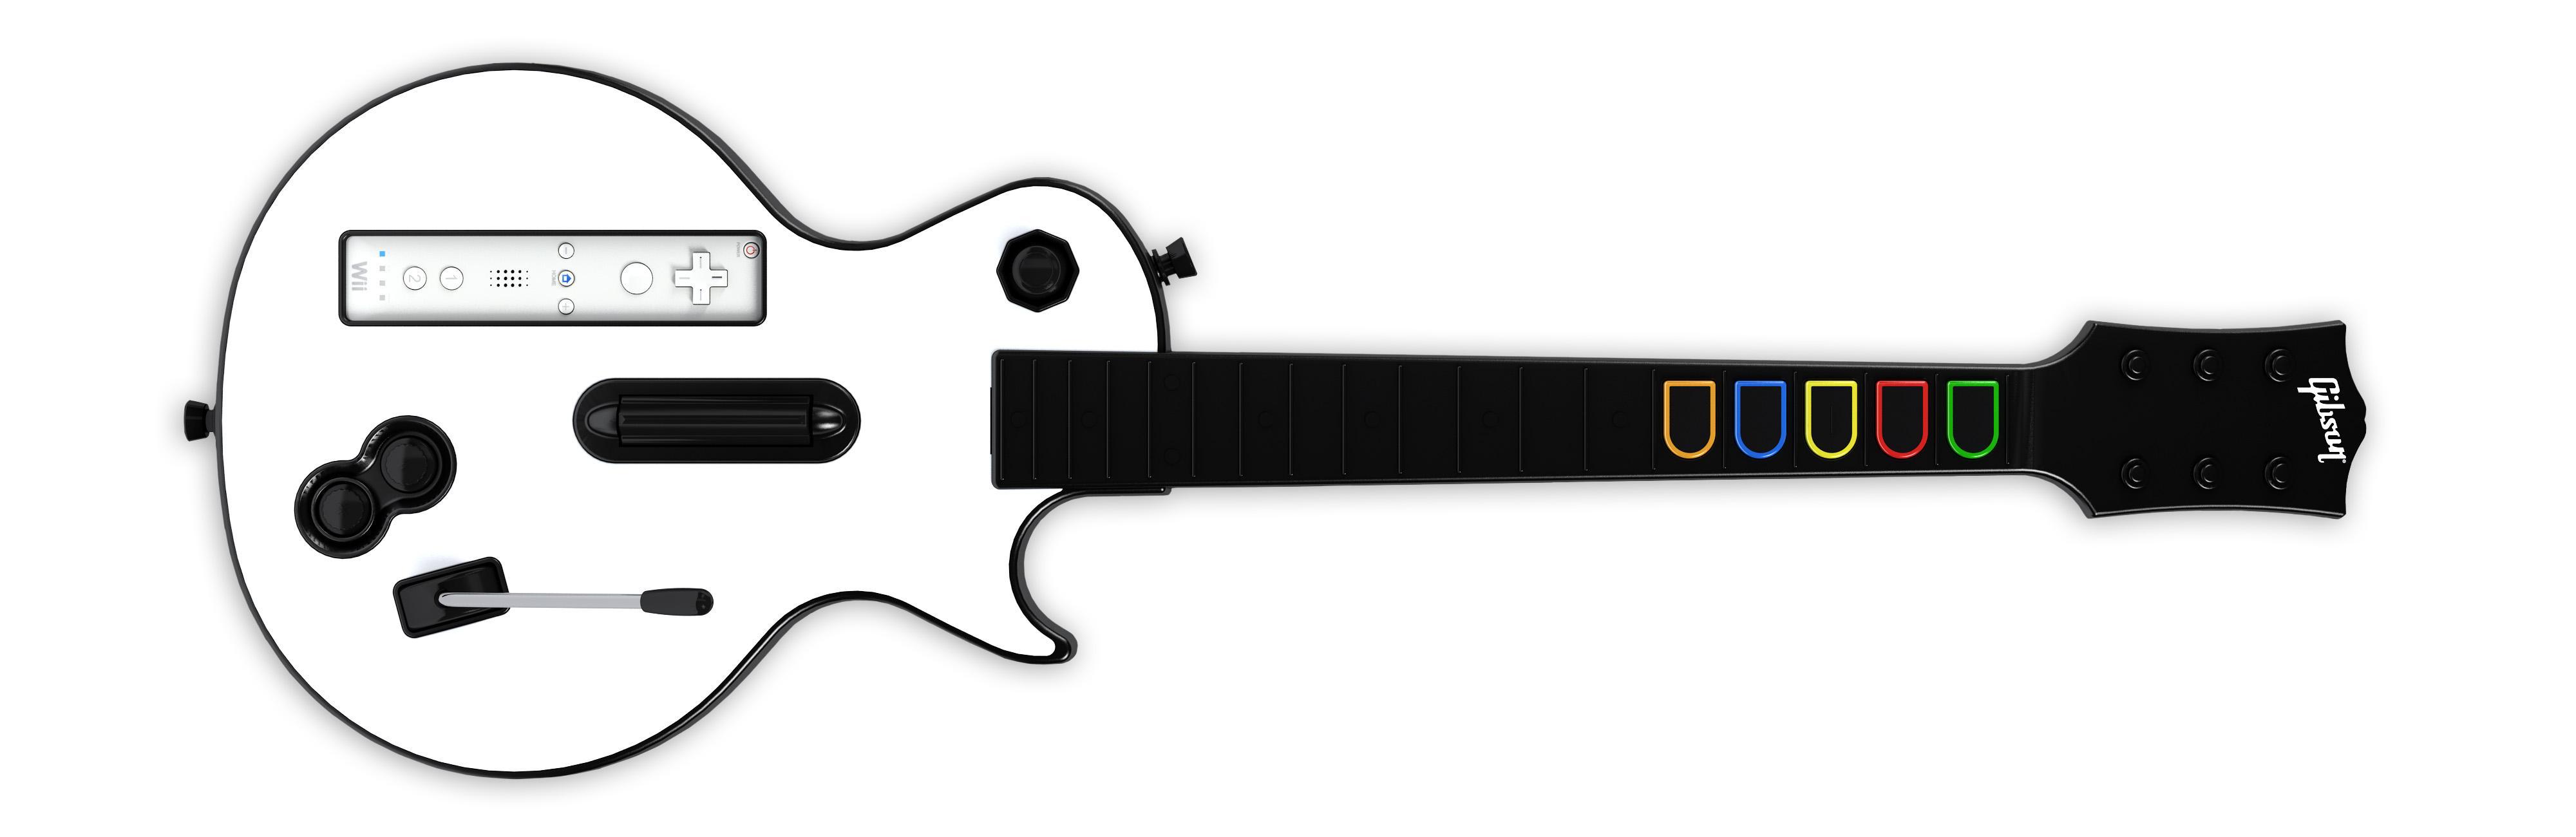 how to repair guitar hero guitar wii edition webcommand net strat wiring diagram bridge tone control guitar hero les paul controller